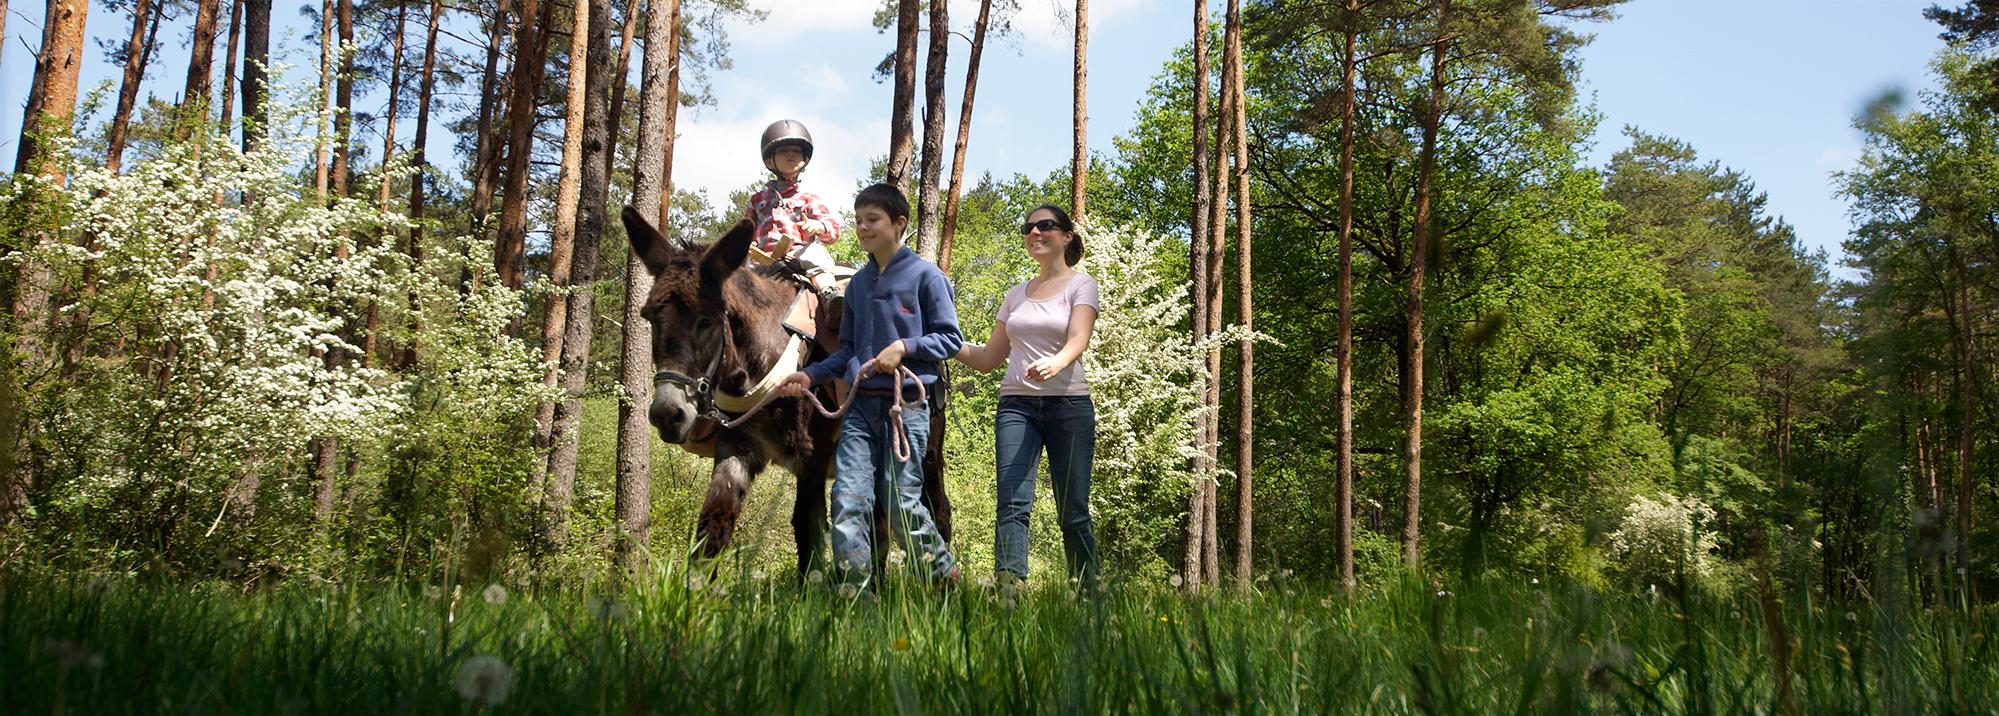 Balade en famille avec les ânes